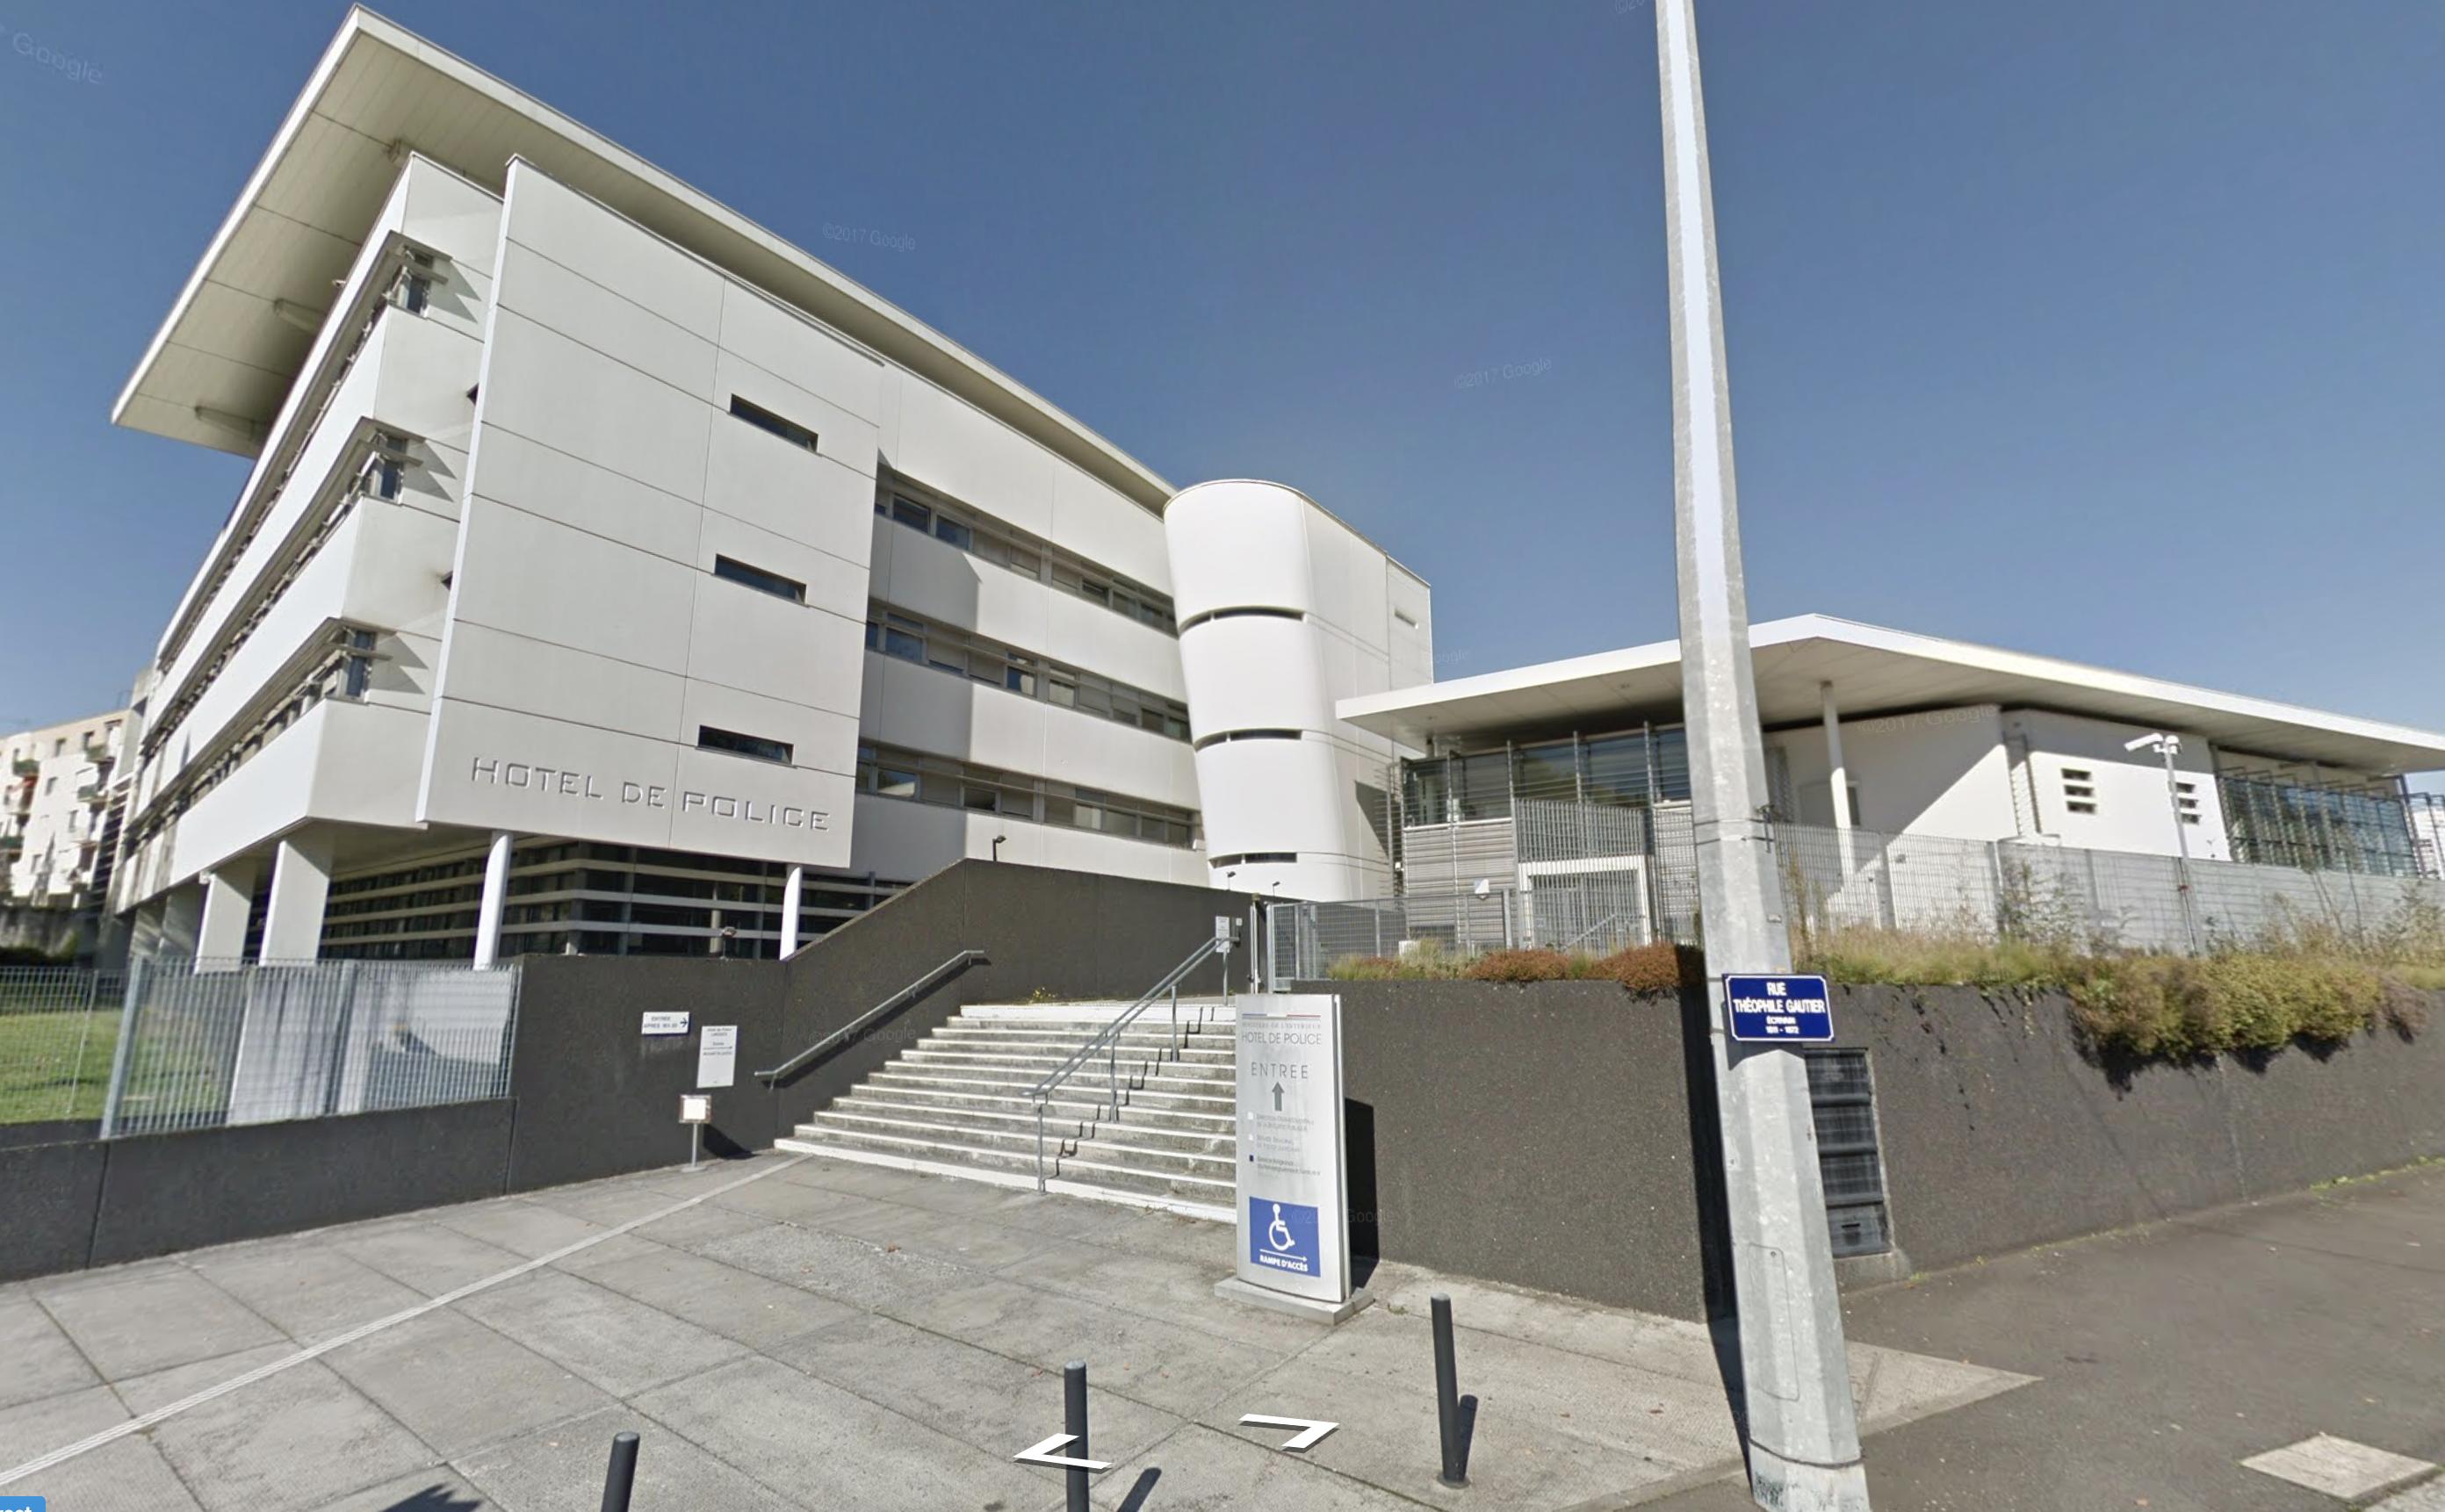 Une étudiante trans' menacée de mort à Limoges : une enquête a été ouverte